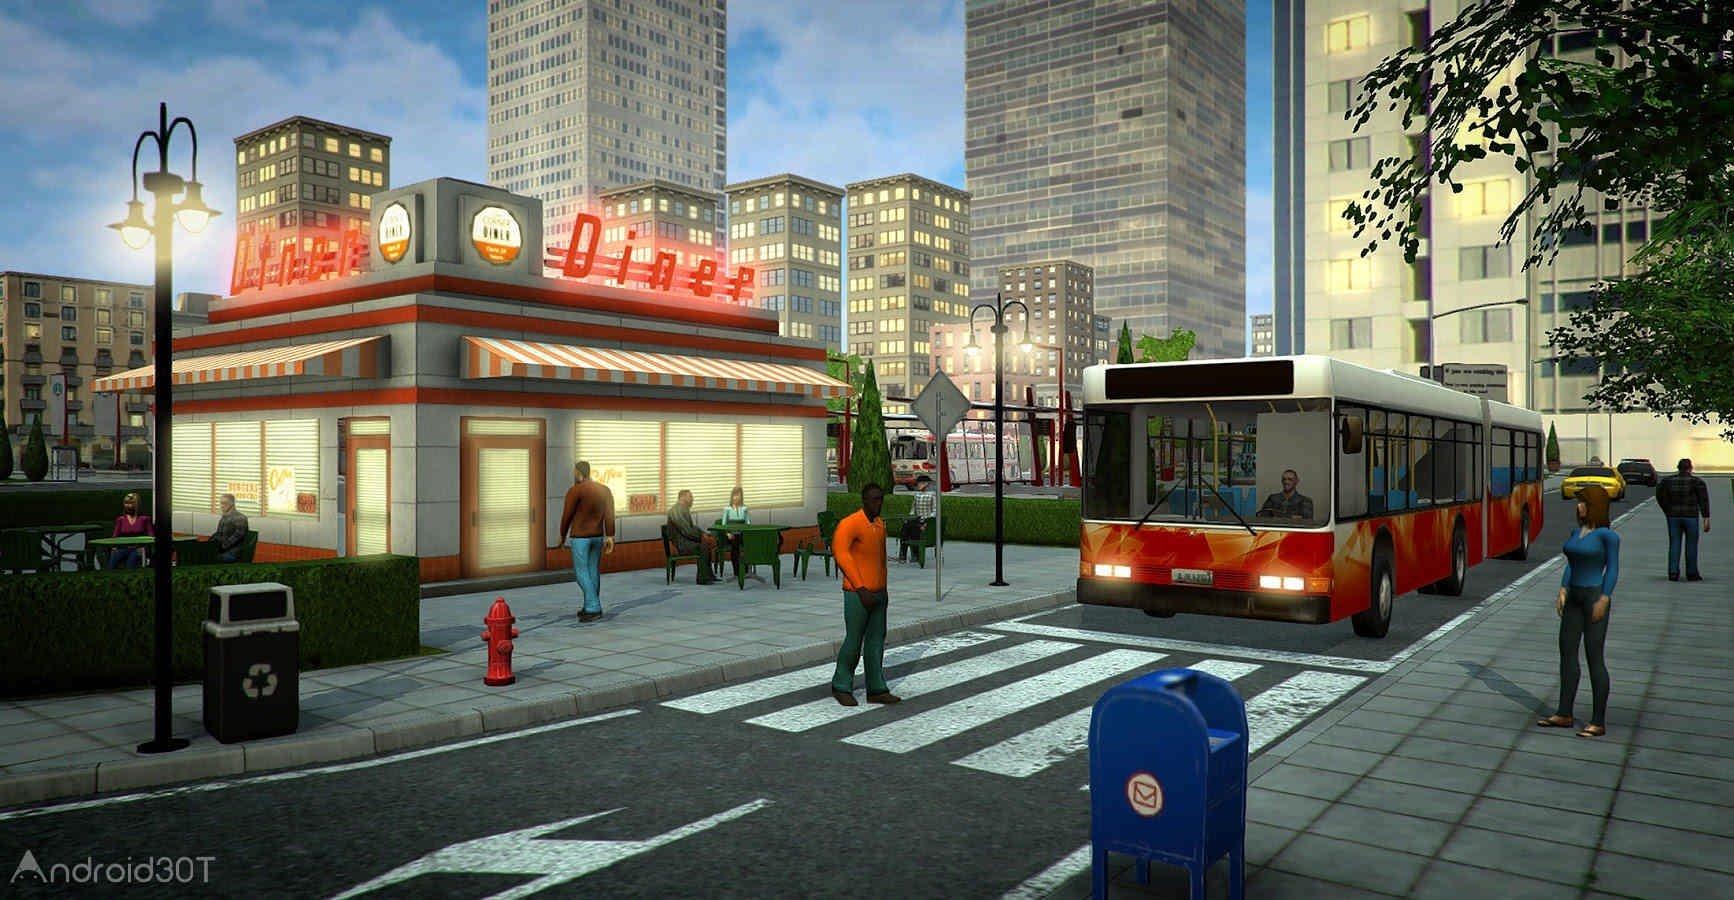 دانلود Bus Simulator PRO 2017 v1.6.1 – بازی رانندگی اتوبوس 2017 اندروید